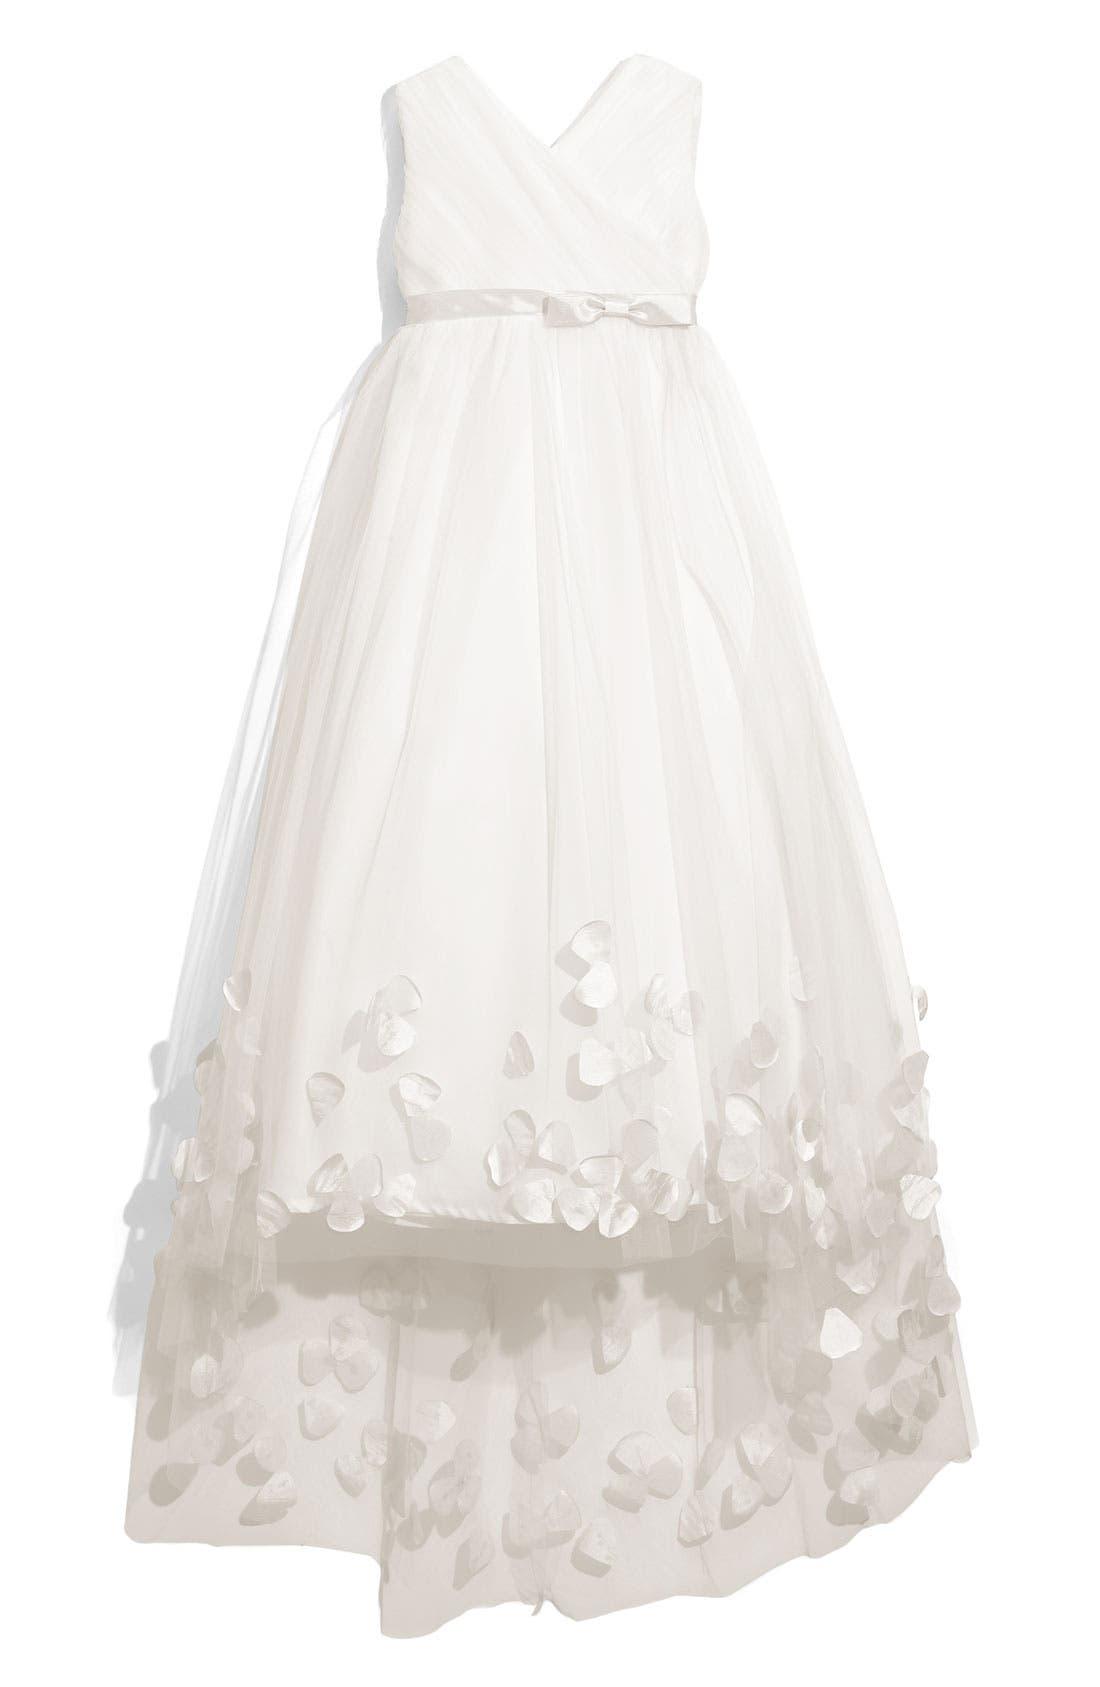 Main Image - Joan Calabrese for Mon Cheri Tulle & Taffeta Floor Length Dress (Little Girls & Big Girls)